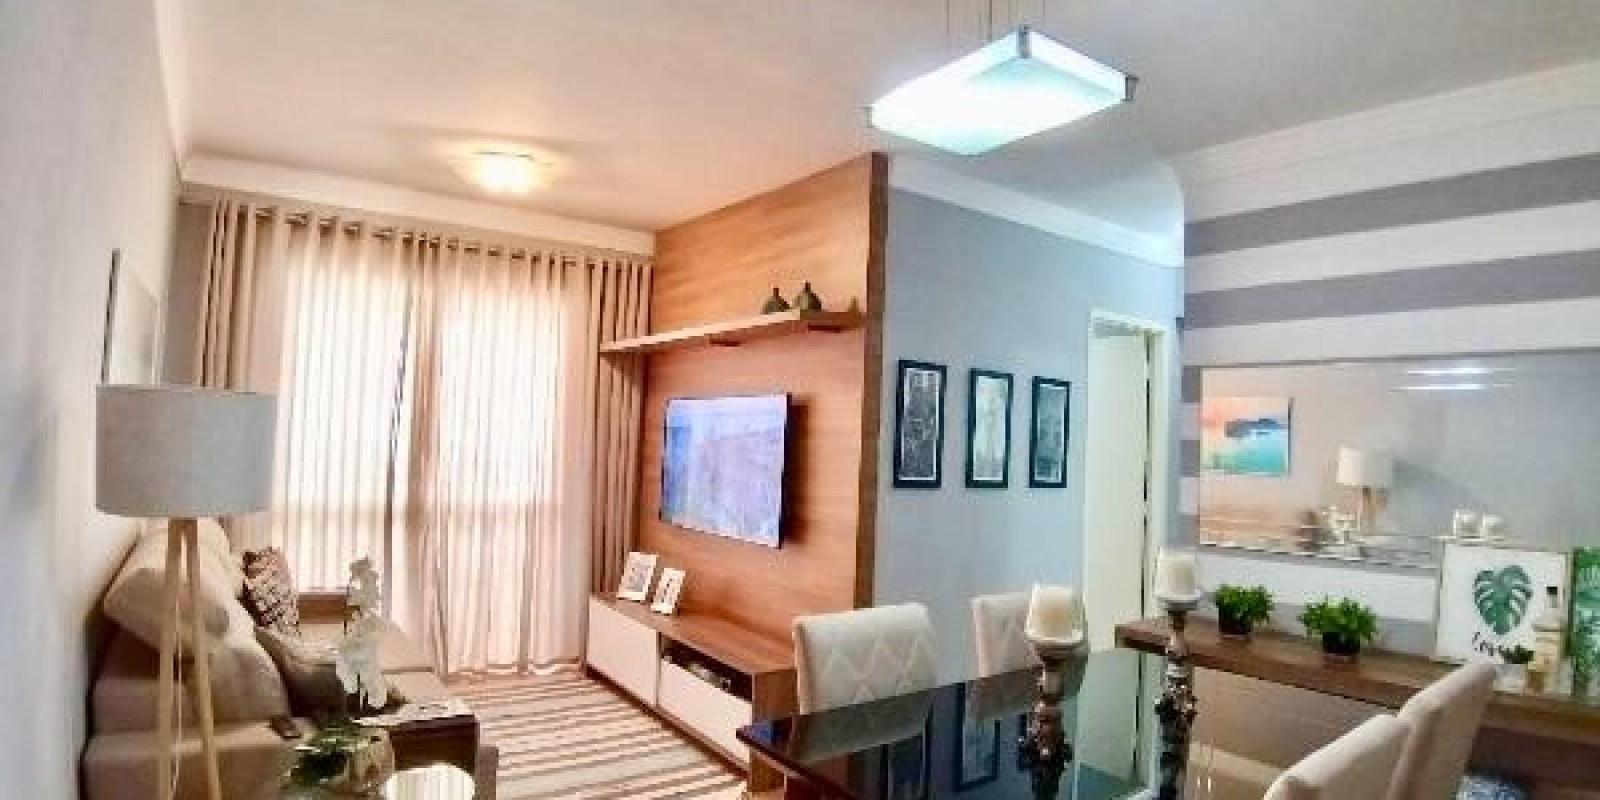 Apartamento na Barra Funda Sp - Foto 11 de 20